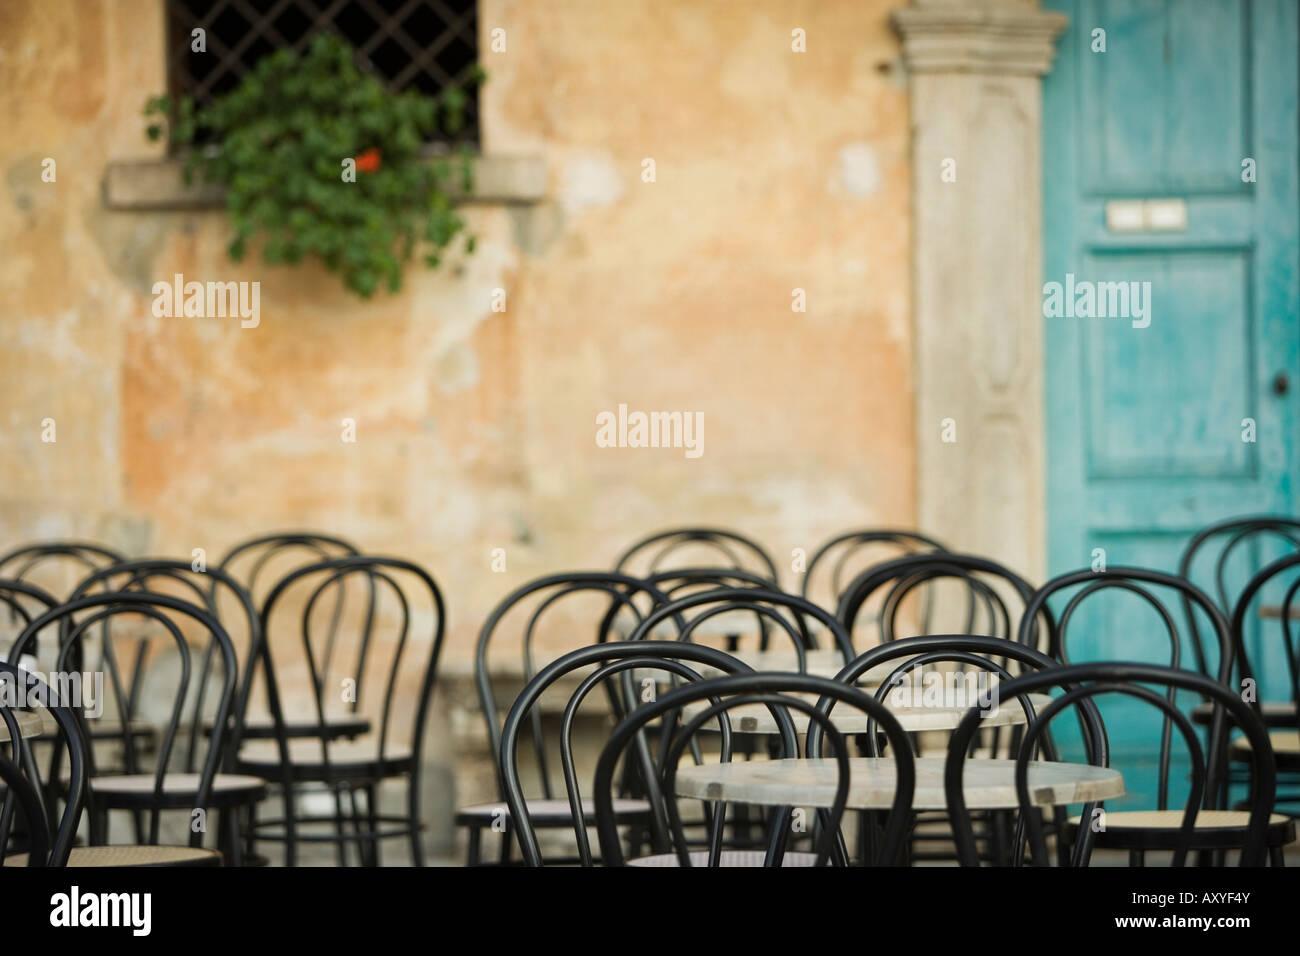 Tabelle vuote al cafe, Lago Maggiore, Italia, Europa Immagini Stock